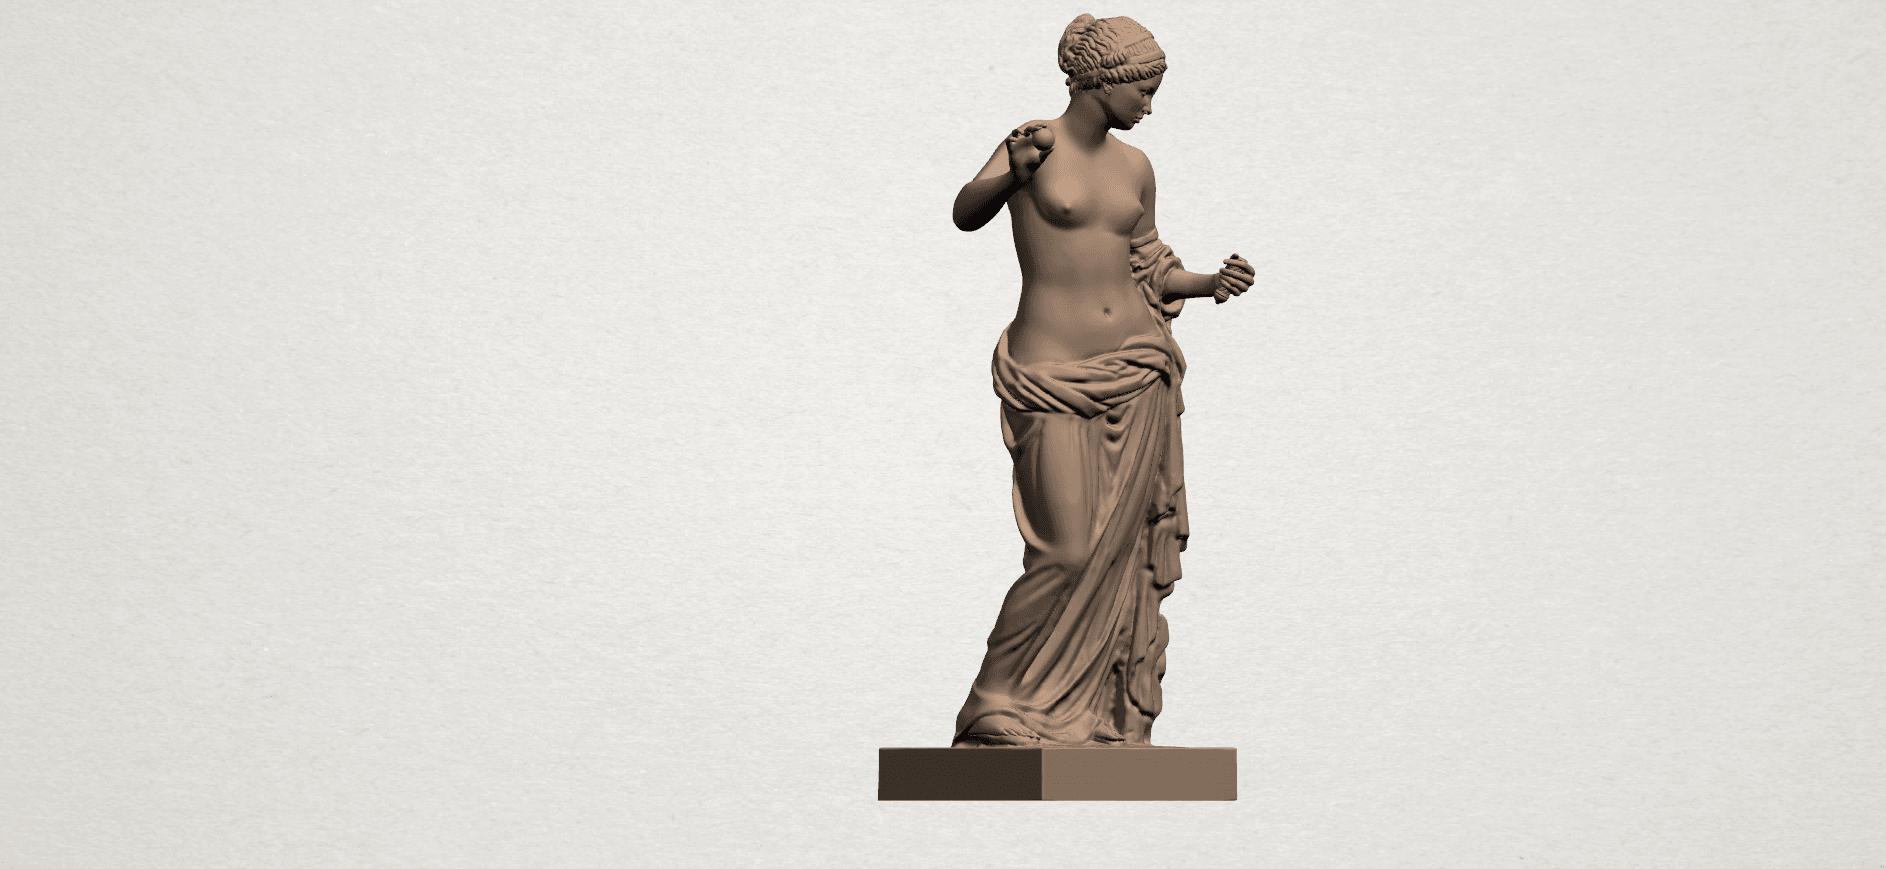 Naked Girl (xiv) A08.png Télécharger fichier STL gratuit Fille nue 14 • Plan pour imprimante 3D, GeorgesNikkei